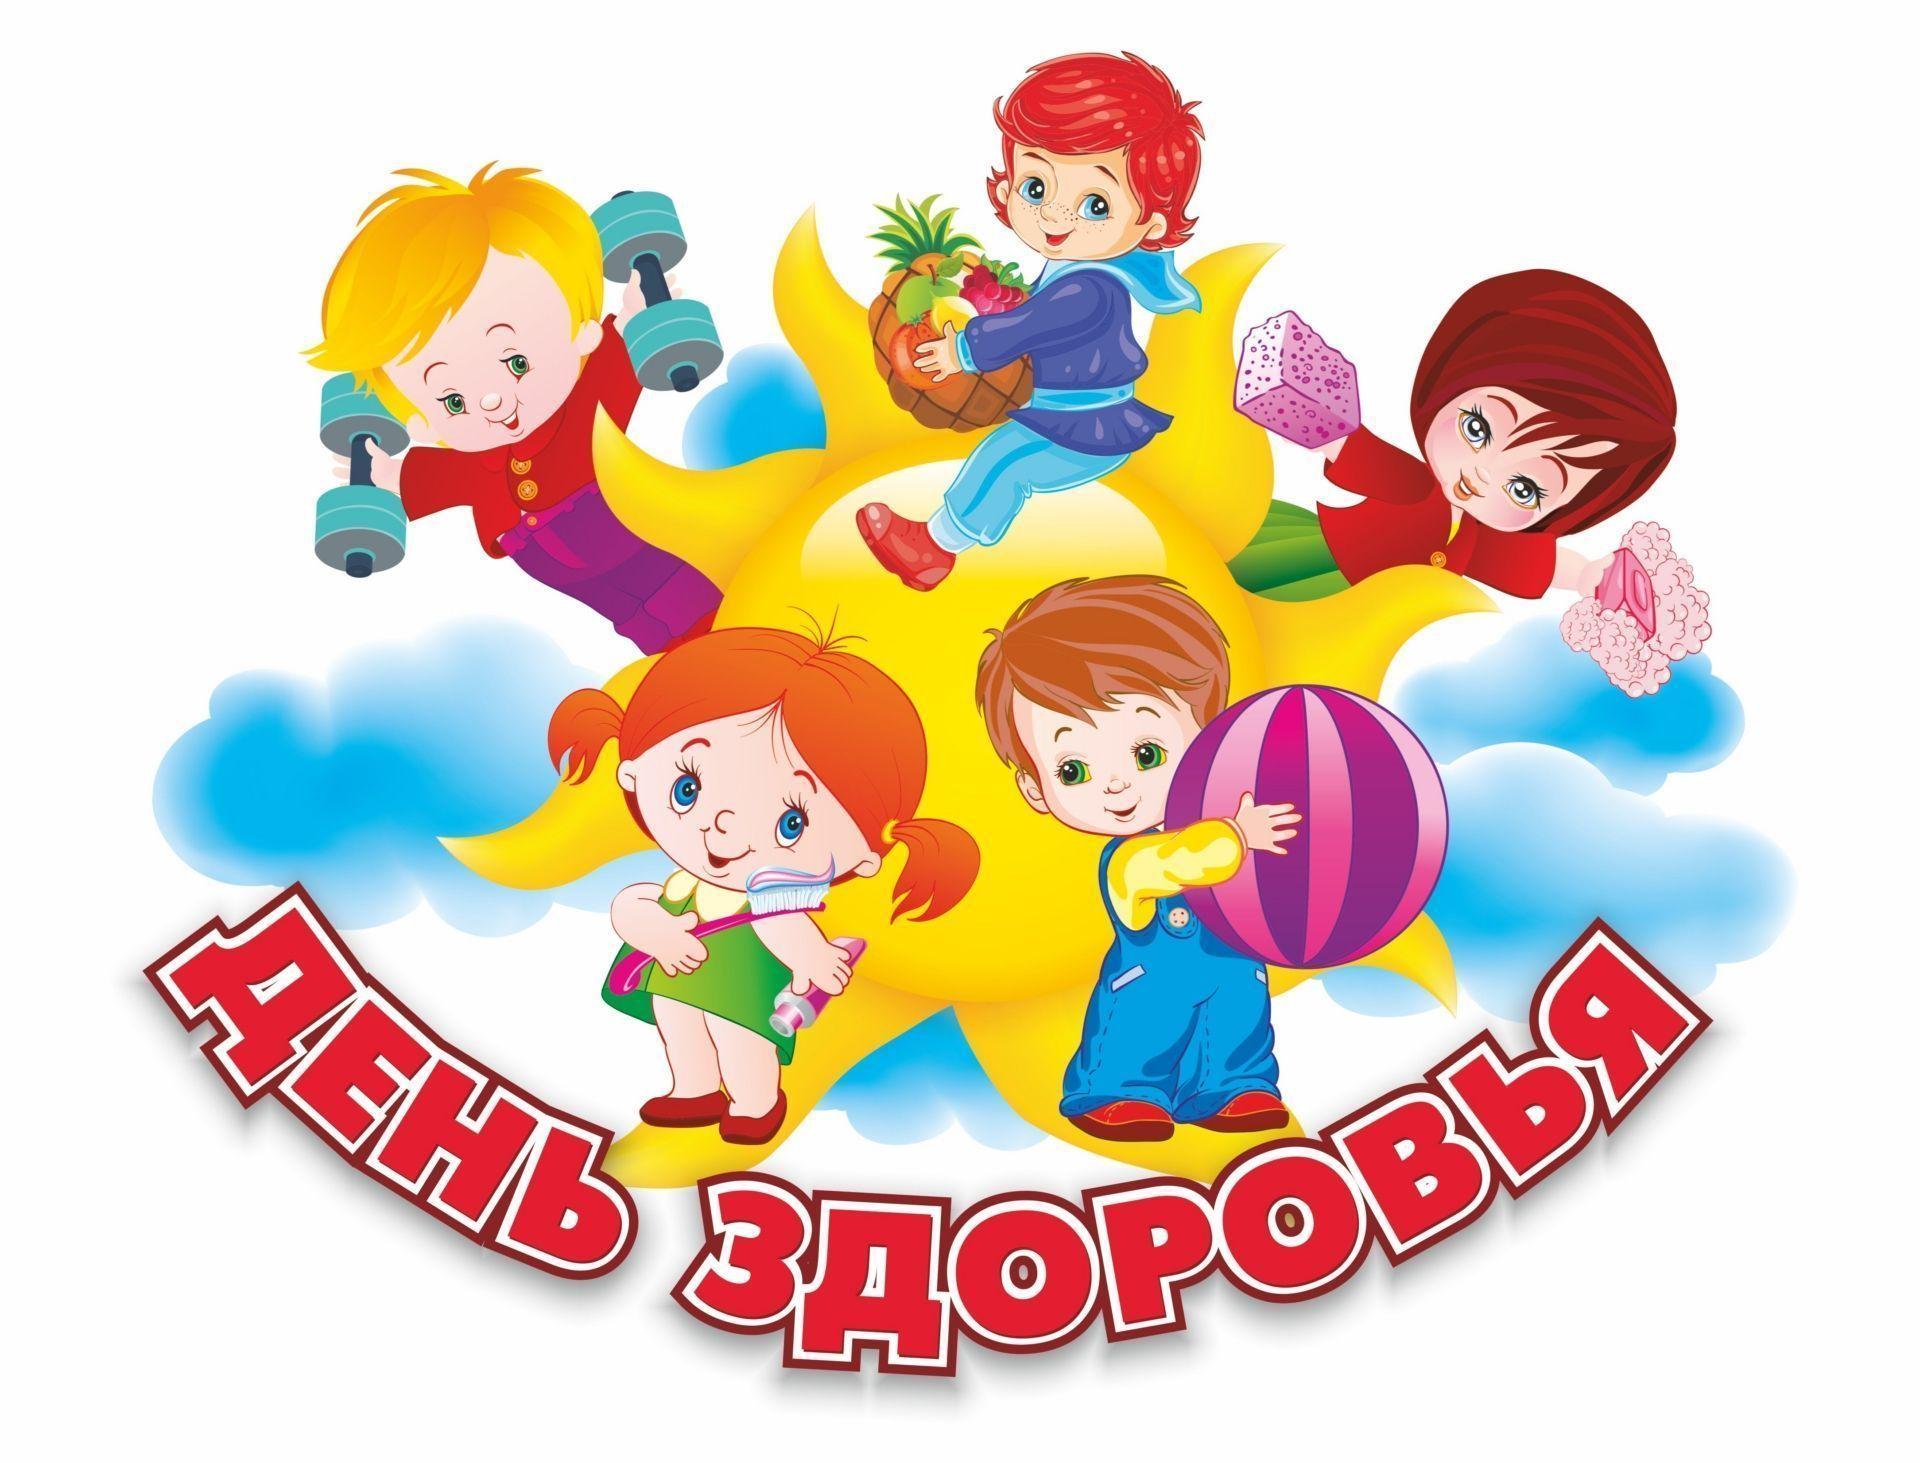 Картинка праздники в детском саду, заниматься спортом прикольная